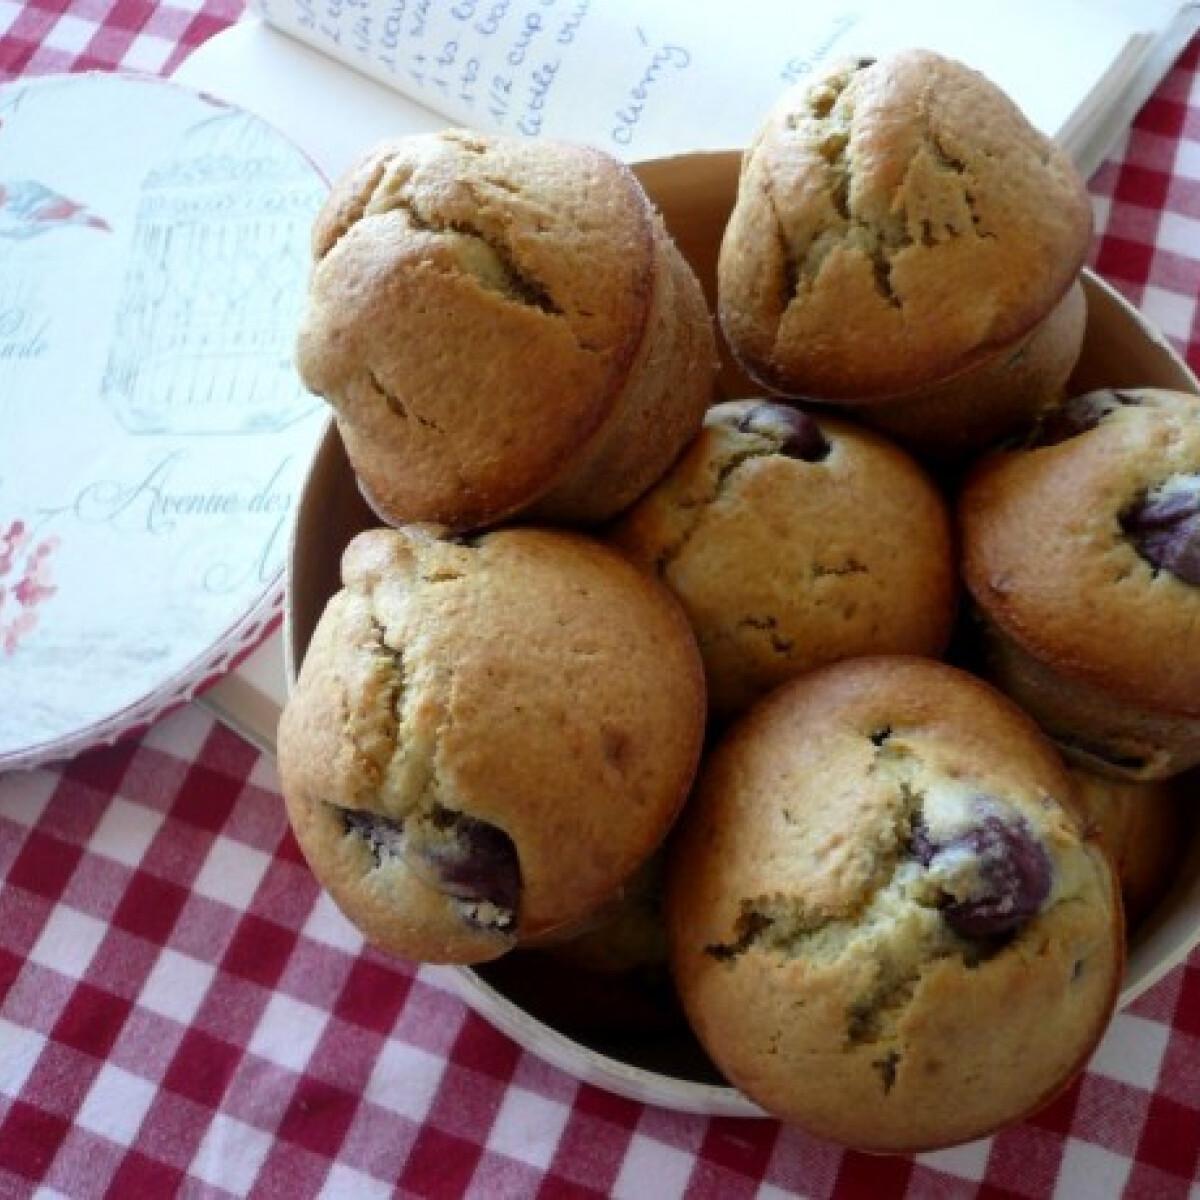 Ezen a képen: Egyszerű meggyes-banános muffin